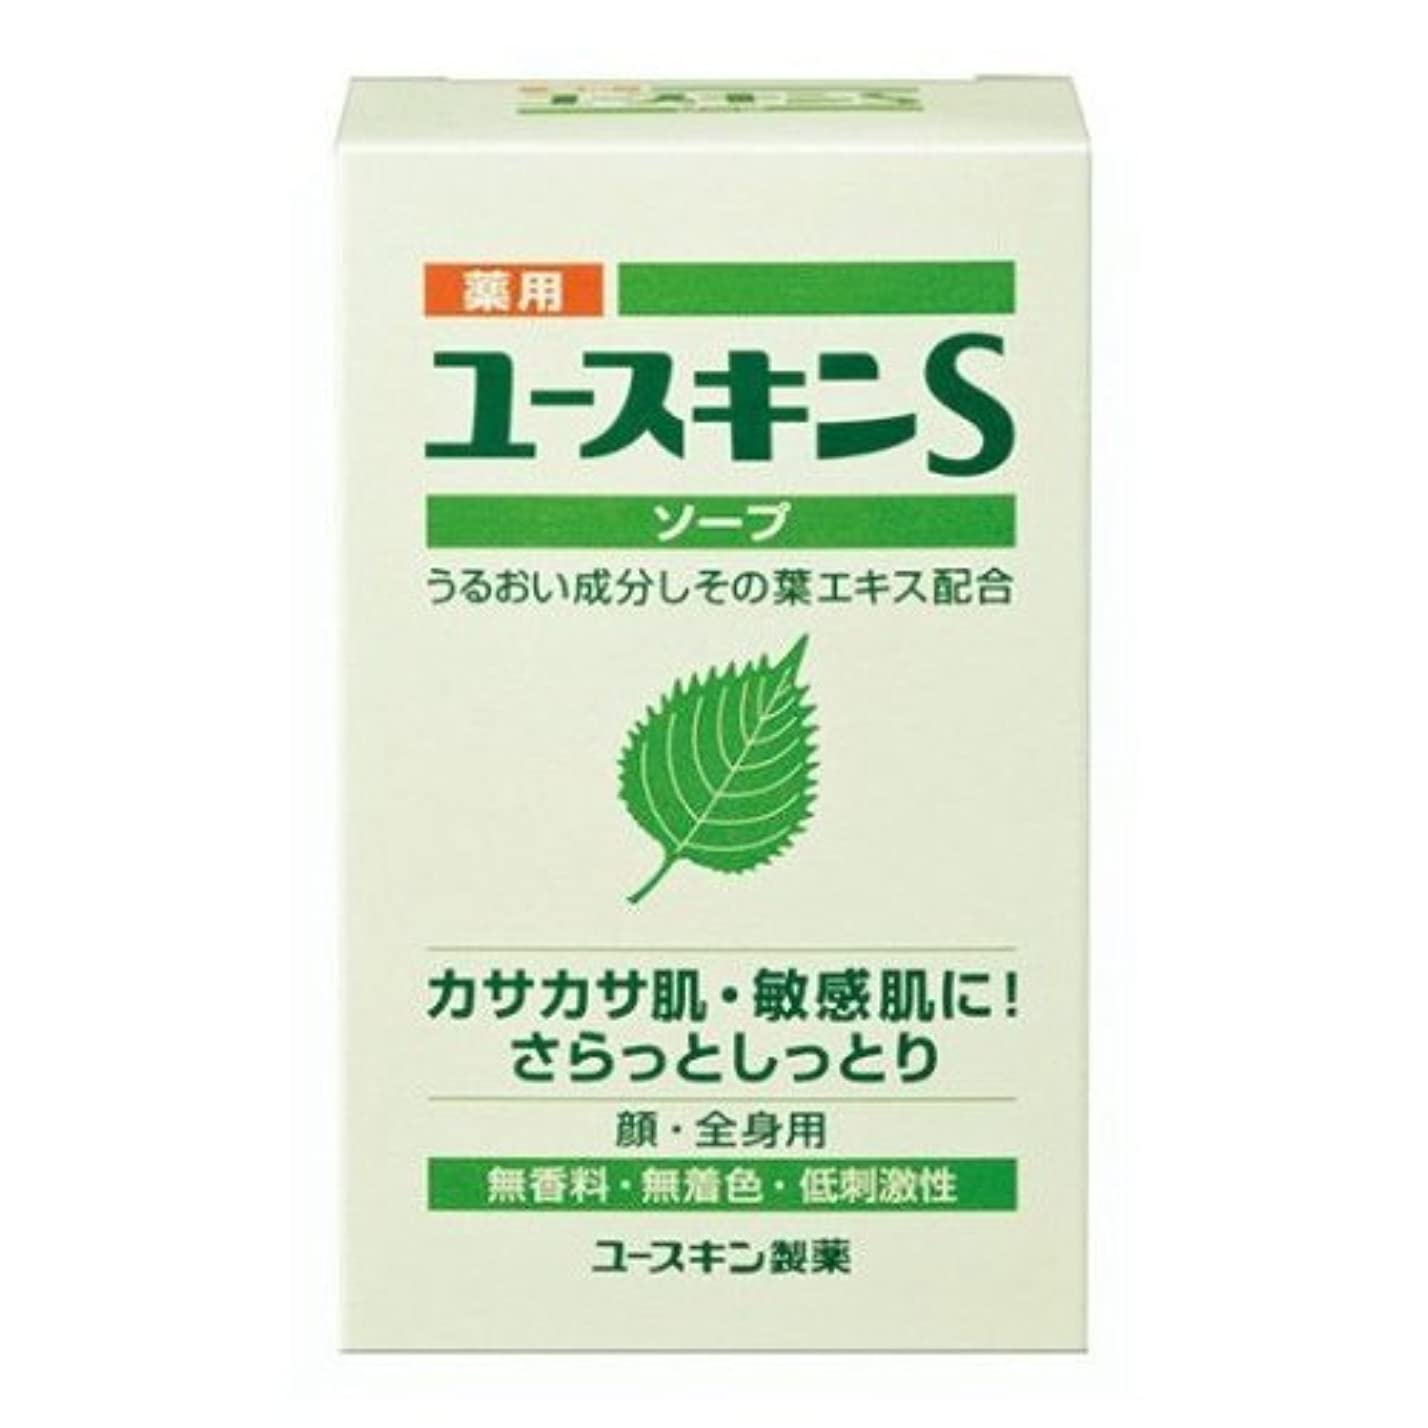 研磨積極的に終了する薬用ユースキンS ソープ 90g (敏感肌用 透明石鹸) 【医薬部外品】